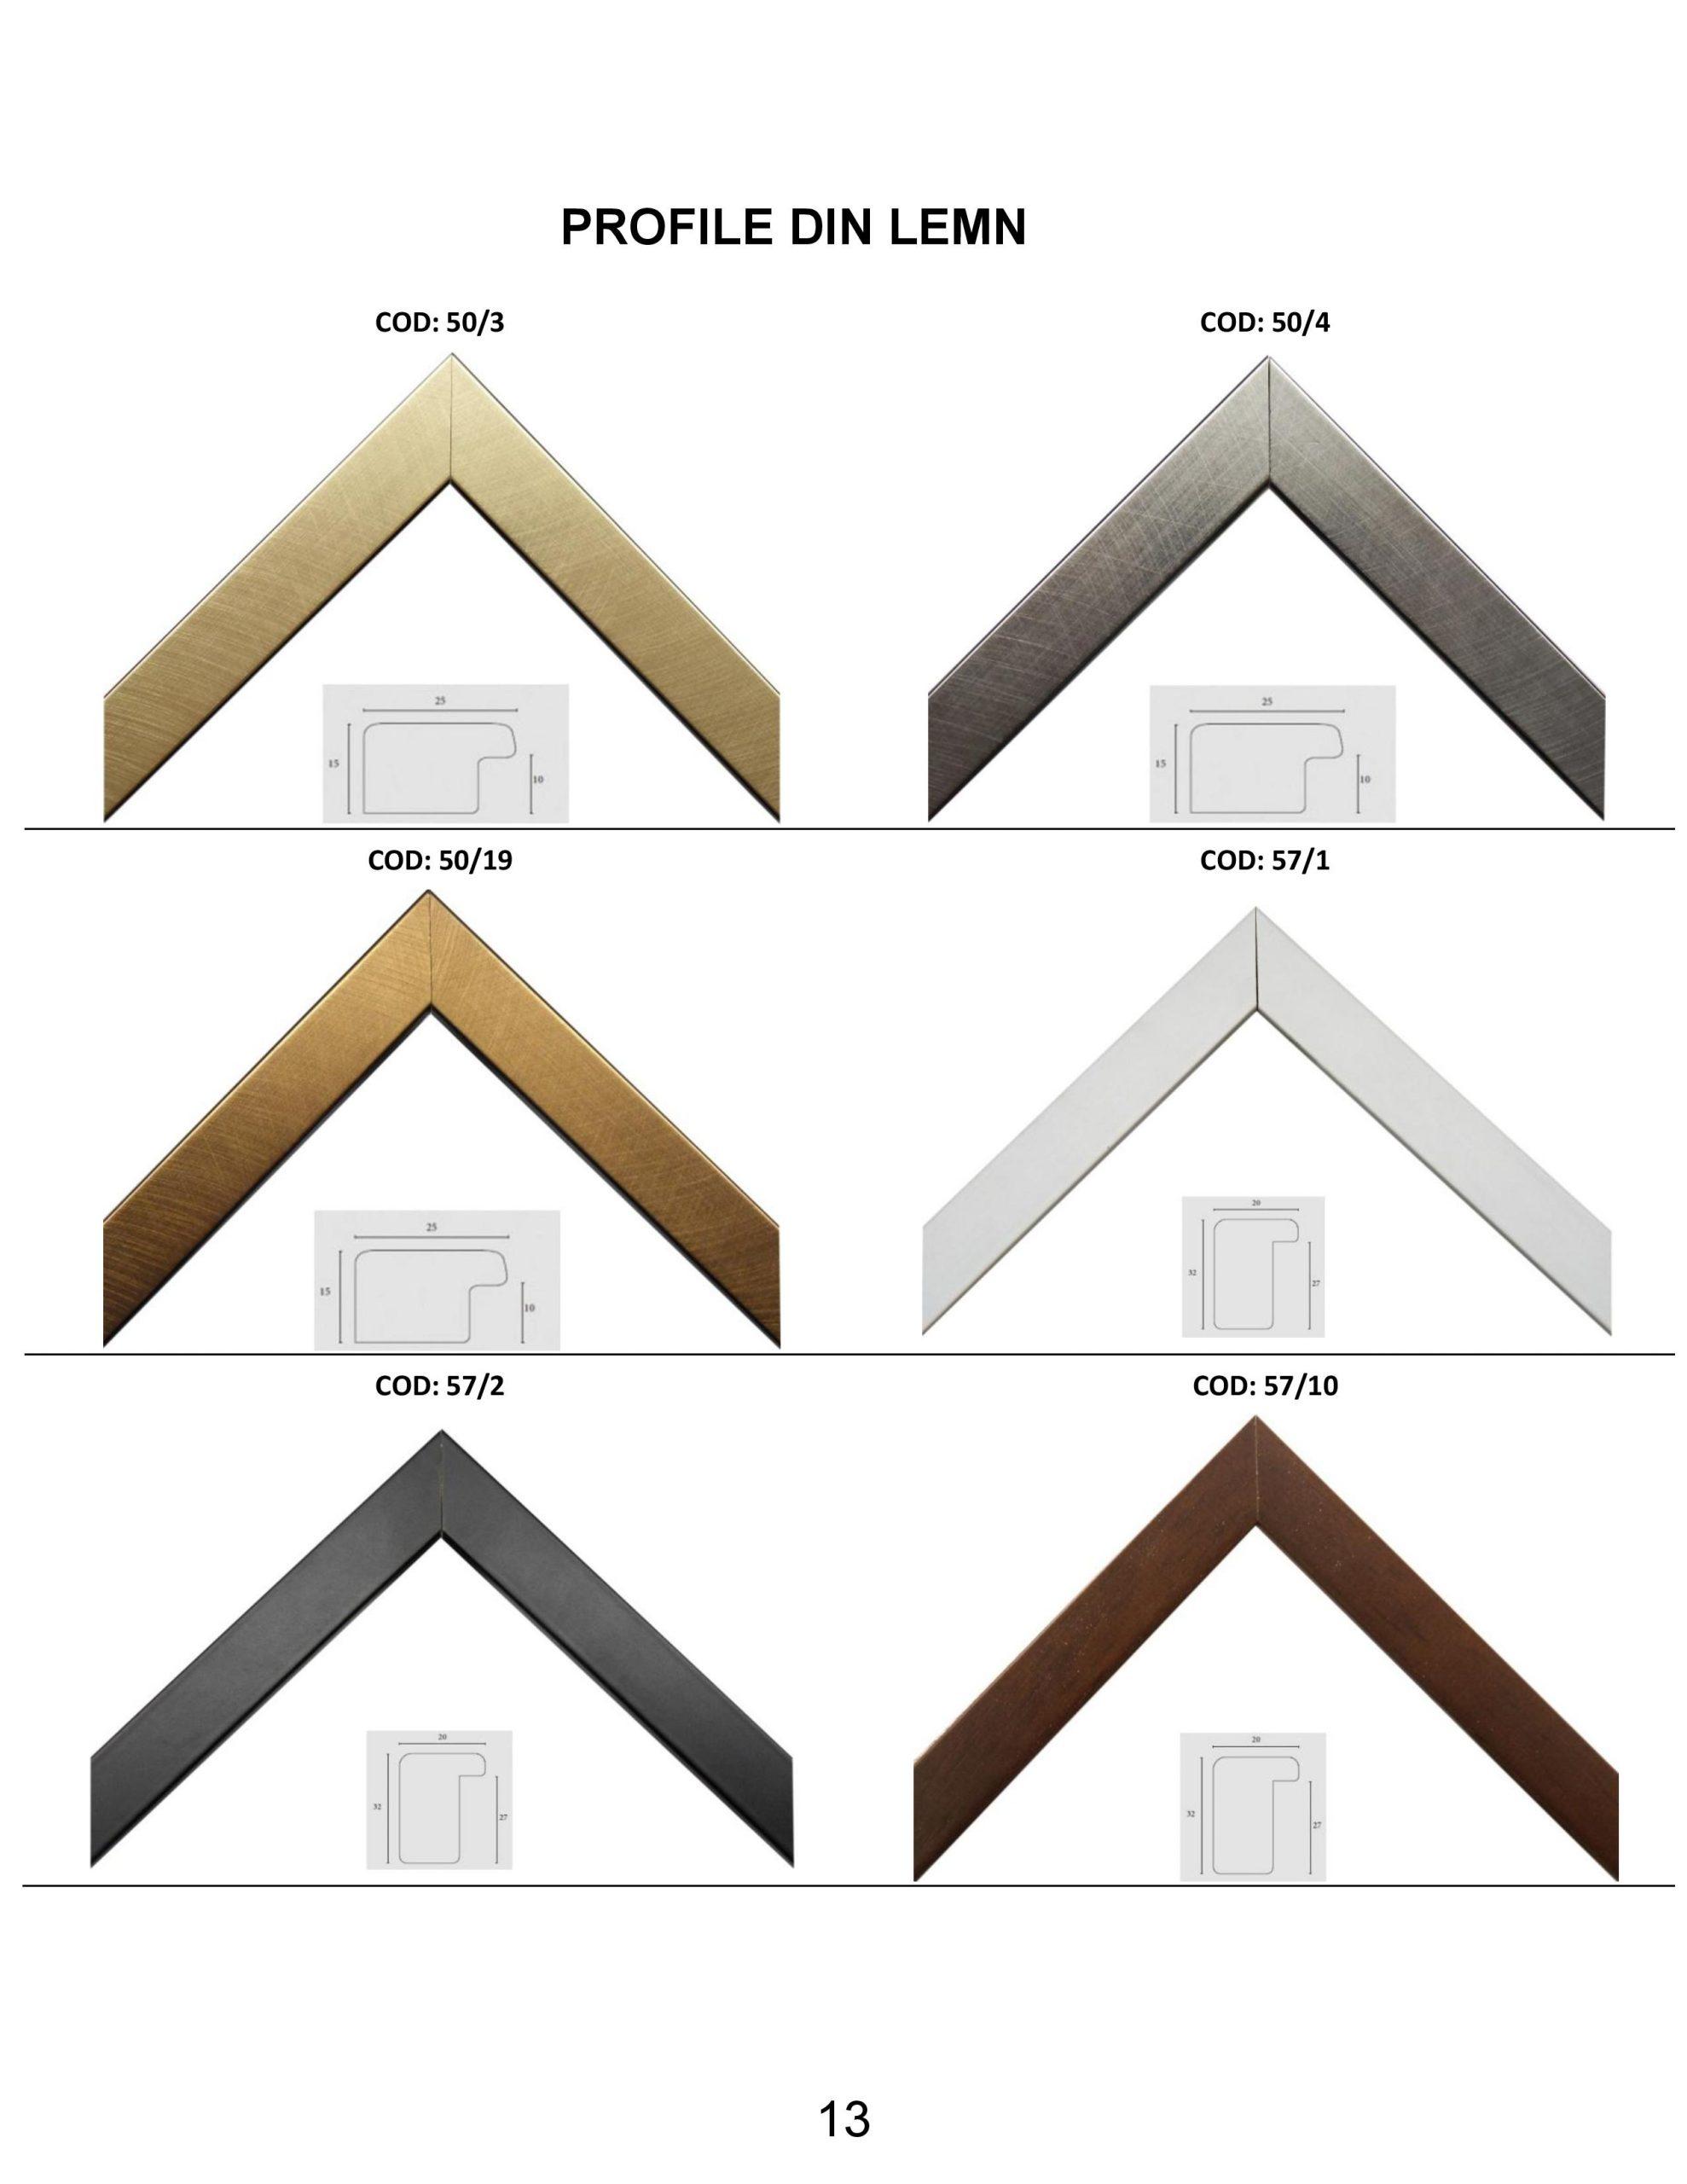 rame profile din lemn - 13